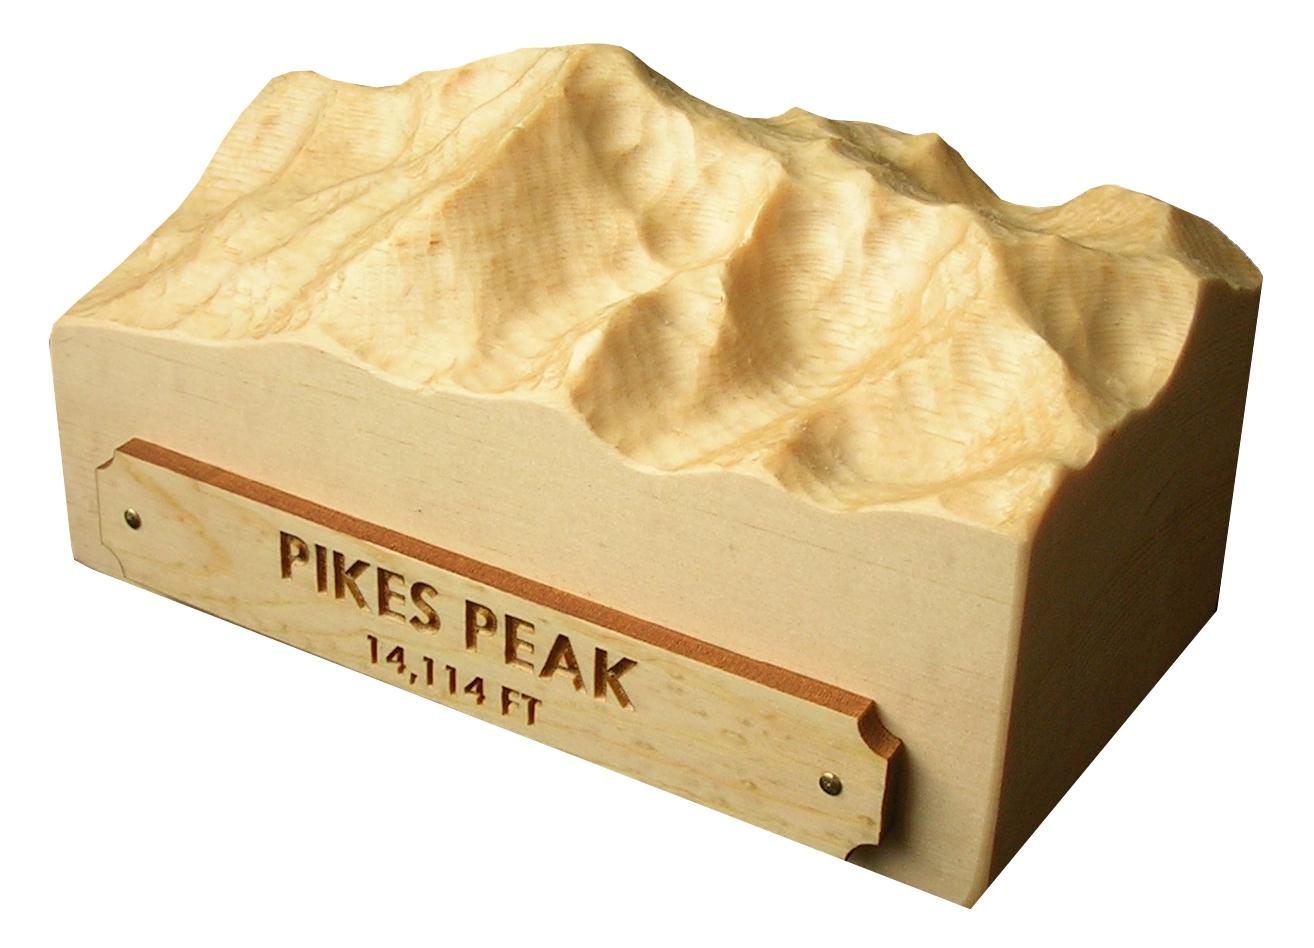 Pikes-Peak-Carving-Gift.jpg